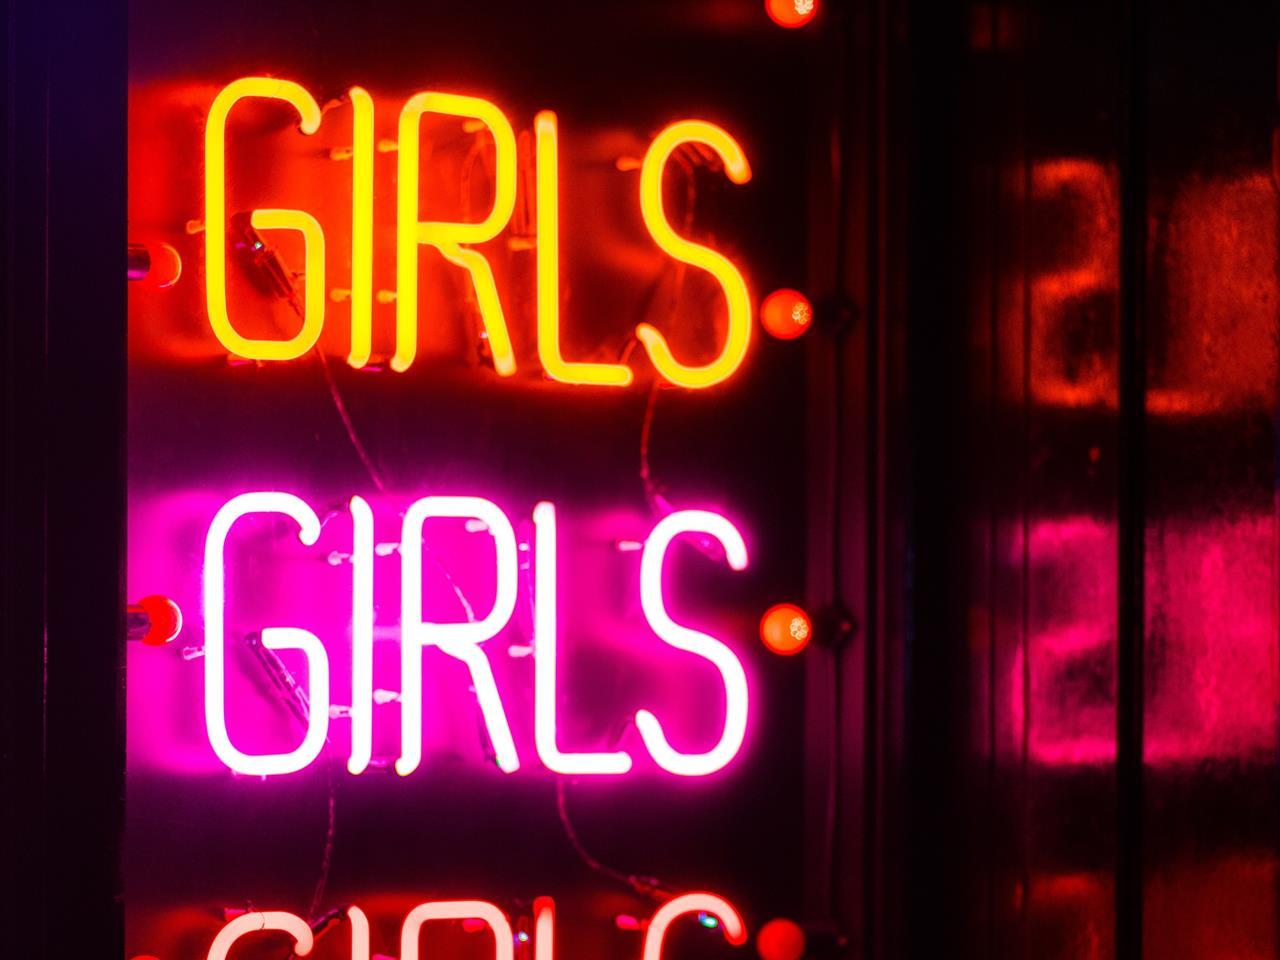 Neulich beim Mädelsabend: Warum sind wir alle Singles?